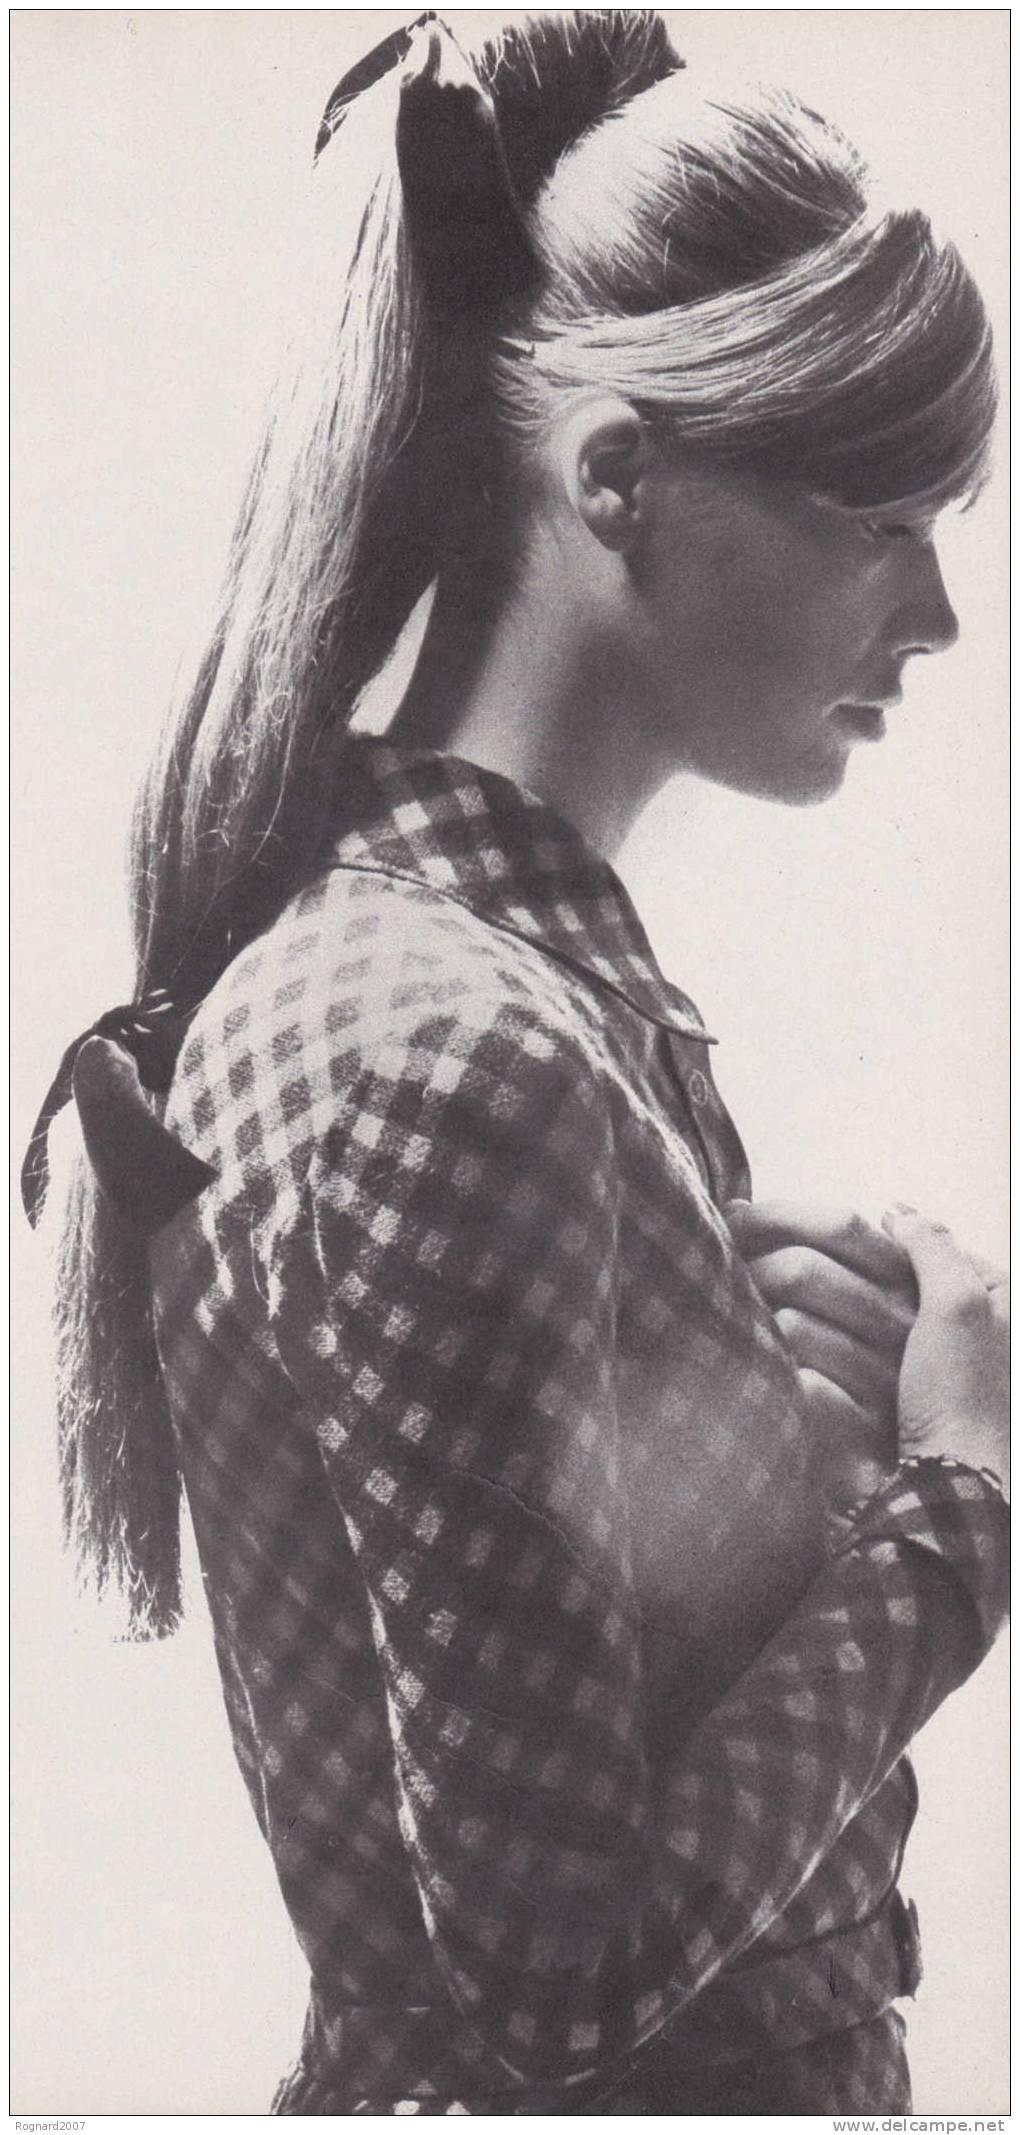 Les coiffures de Françoise Hardy 075_0010